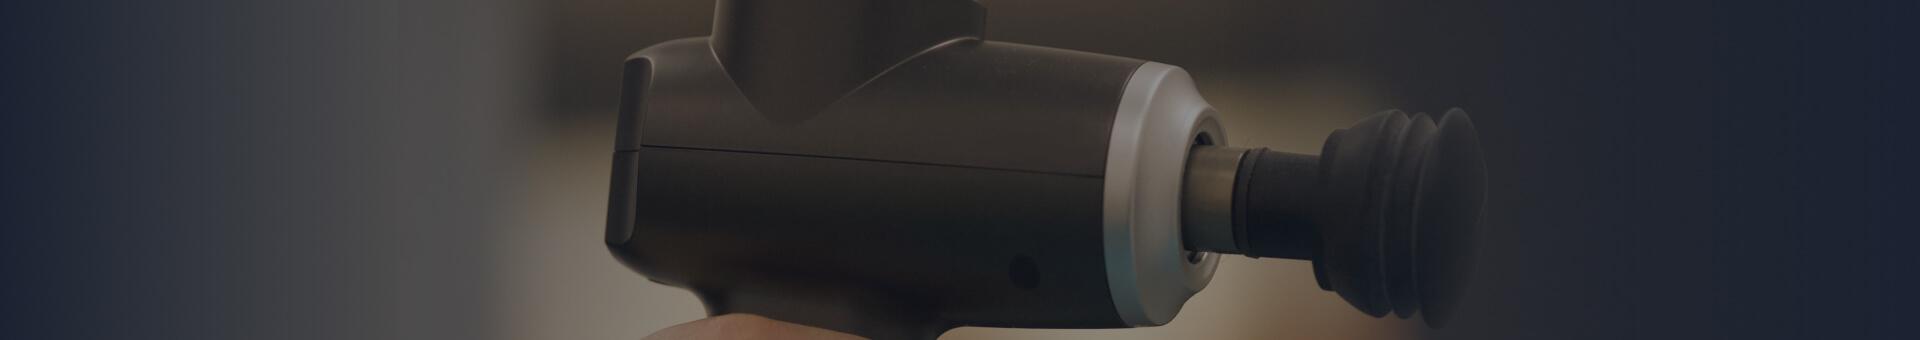 Massage Gun Compressor